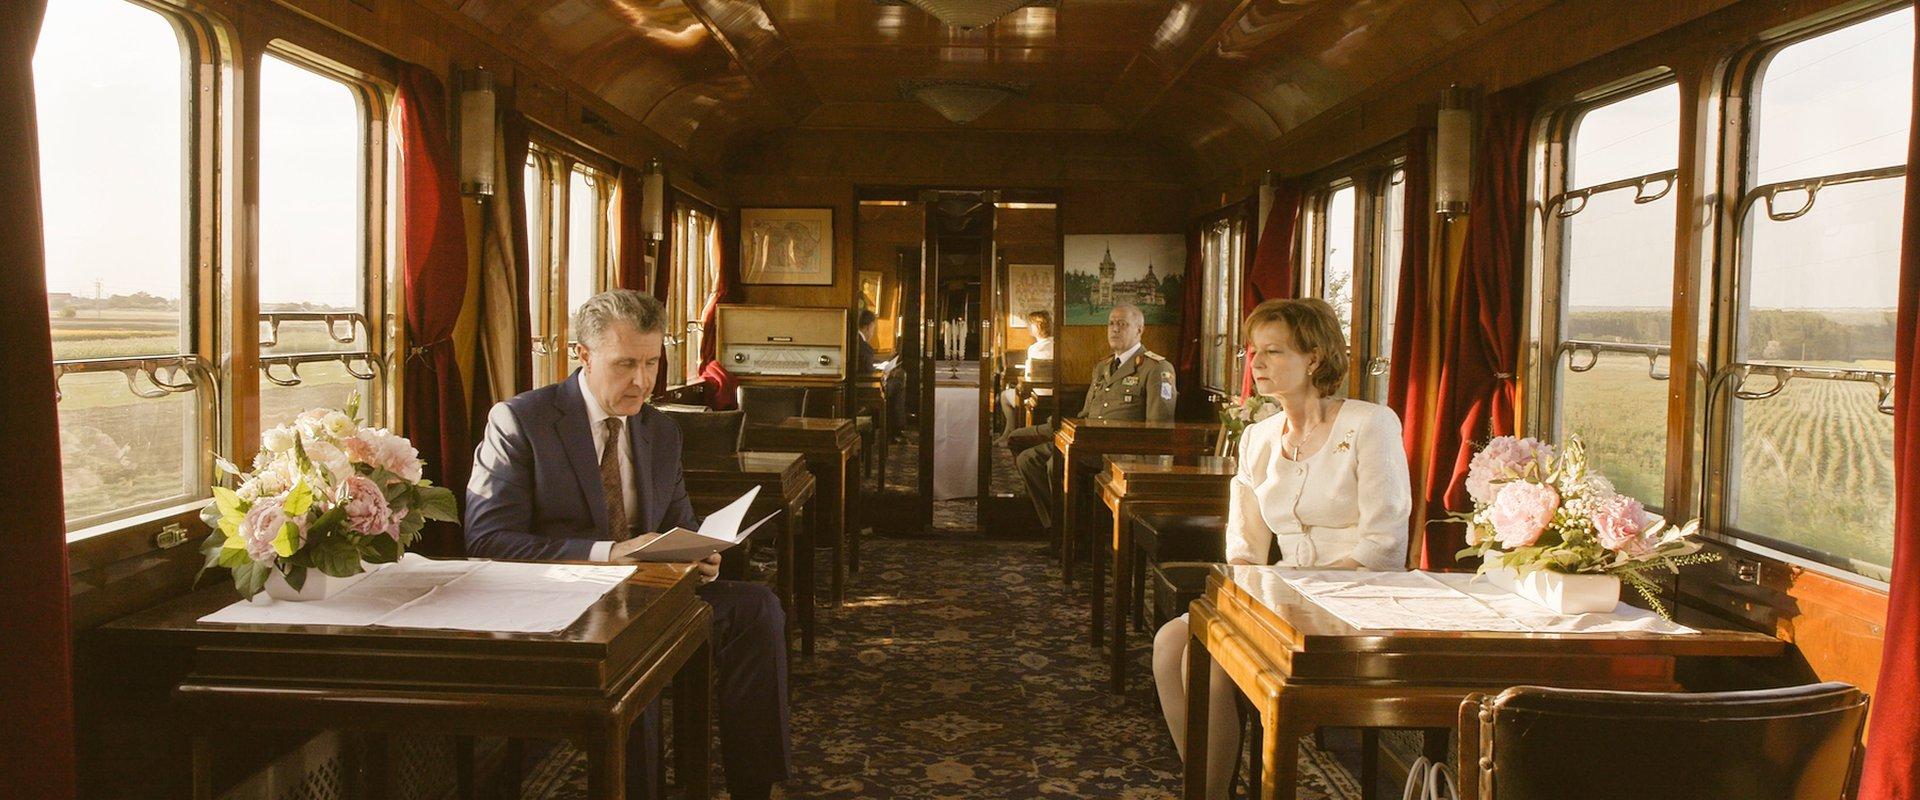 The Royal Train (OmdU)